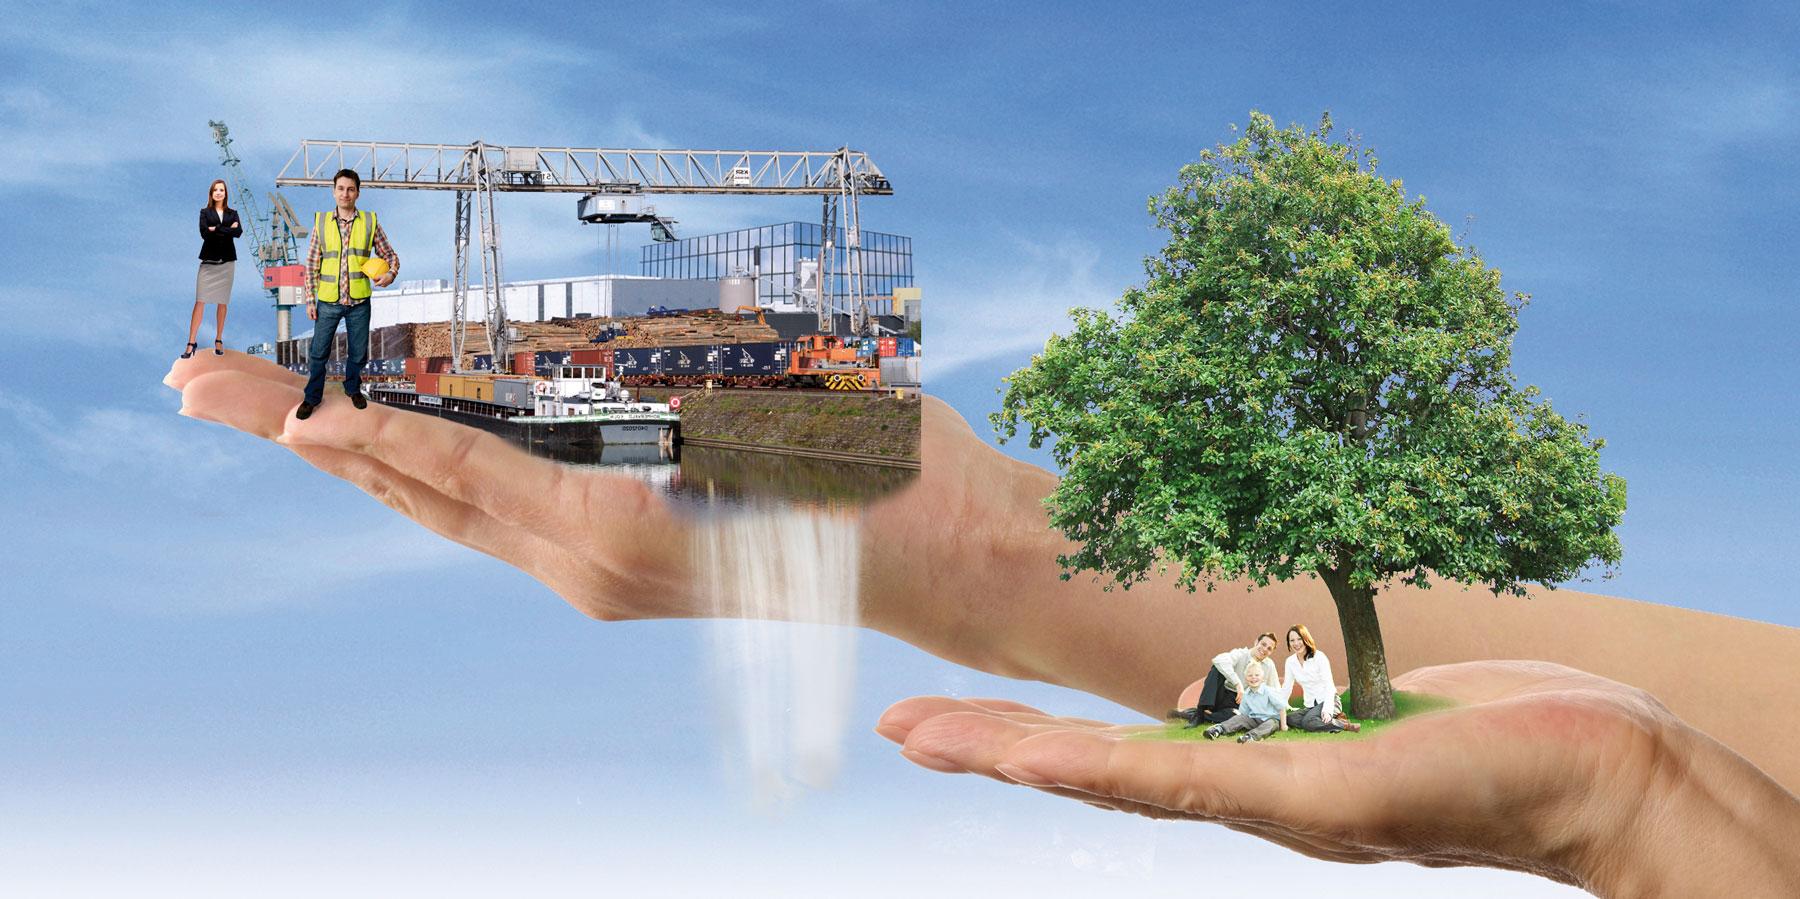 Grafik Hände mit Hafengeschehen und Natur